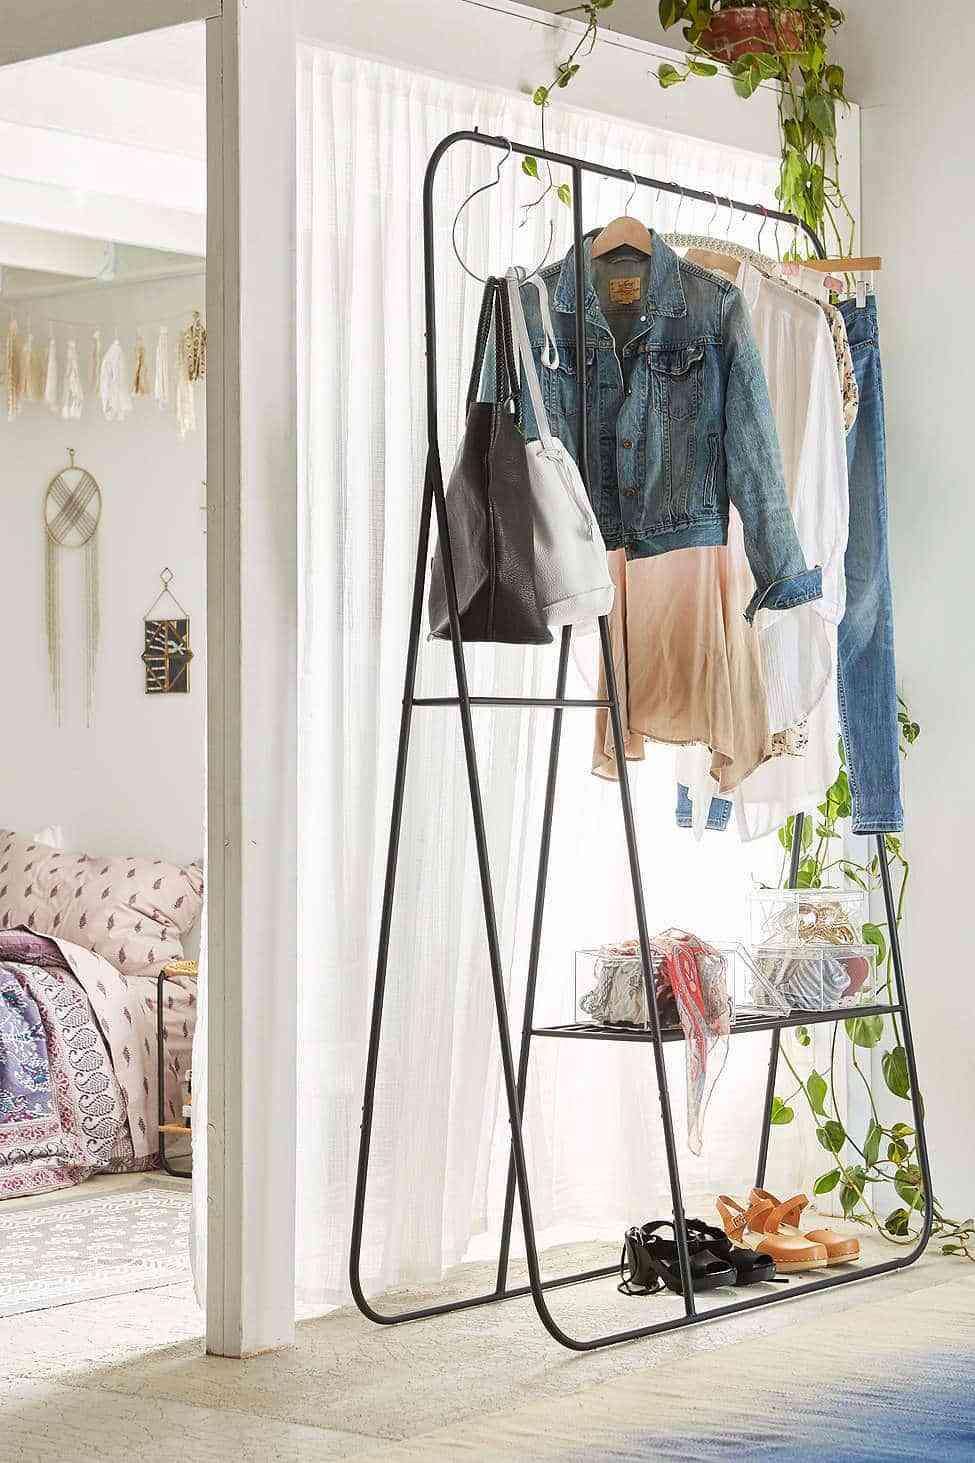 C mo hacer un vestidor barato para organizar la ropa for Ideas muebles para poco espacio